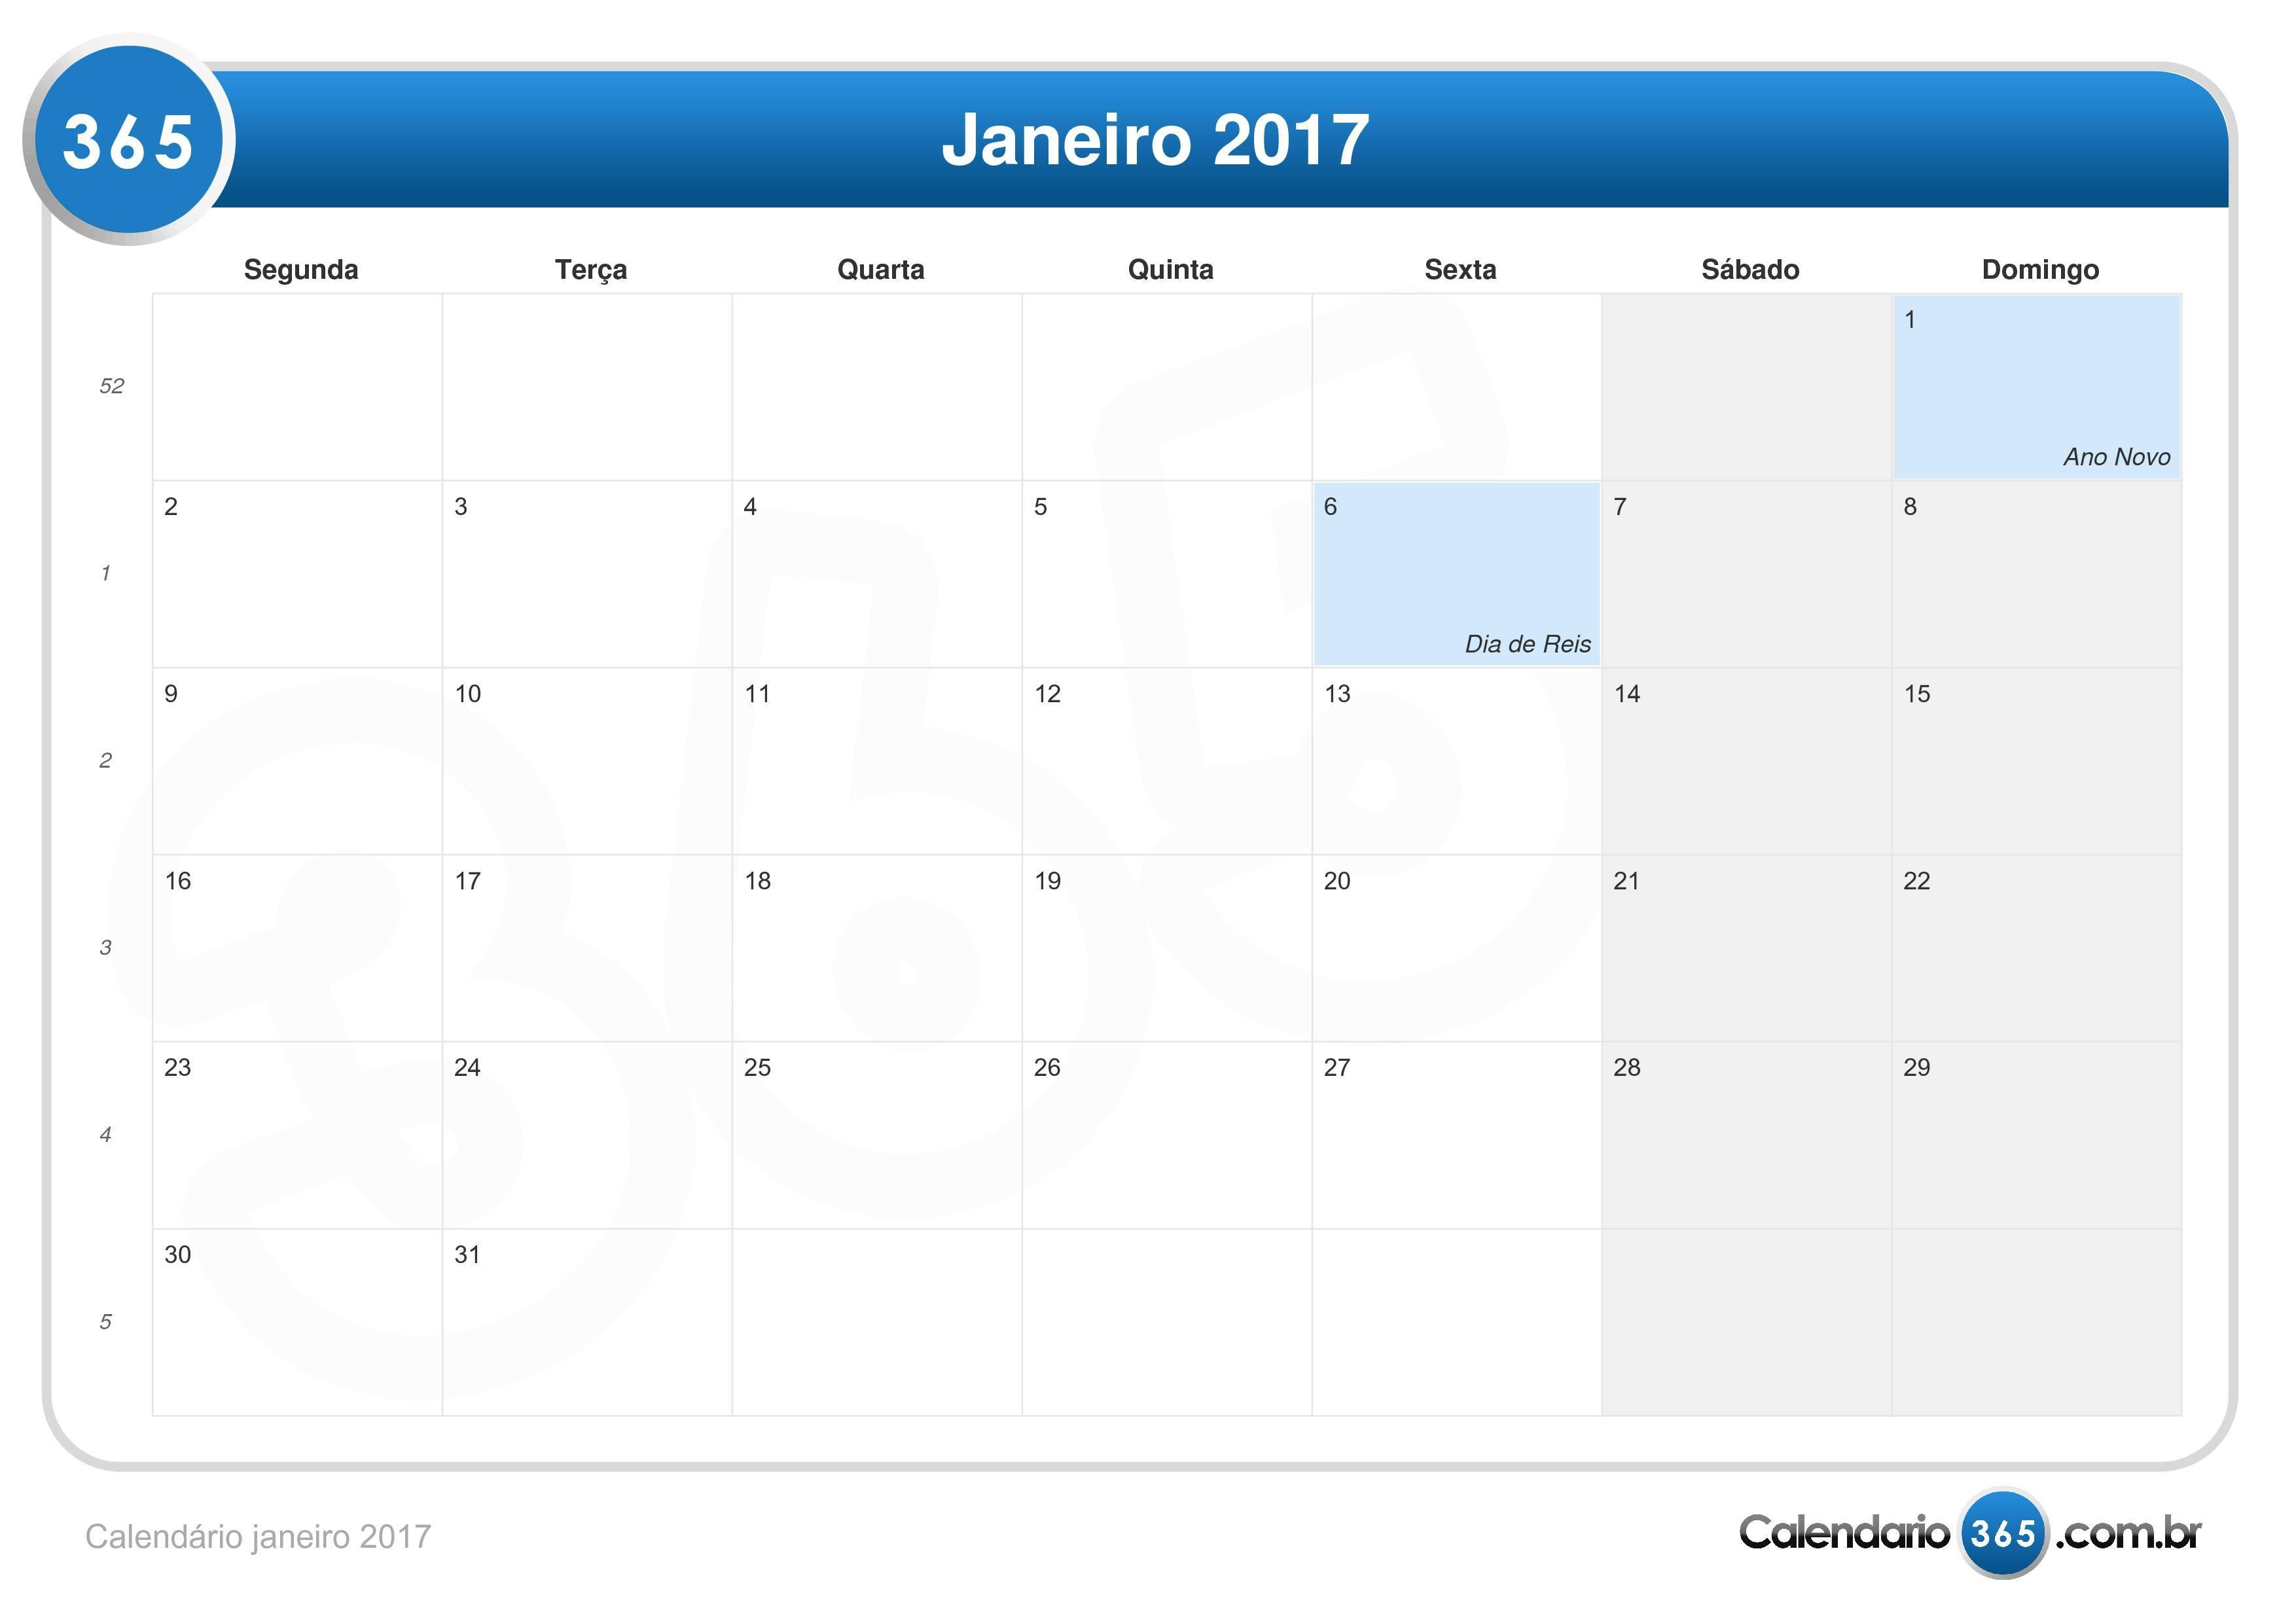 10 Best House Plans Of August 2017: Calendário Janeiro 2017